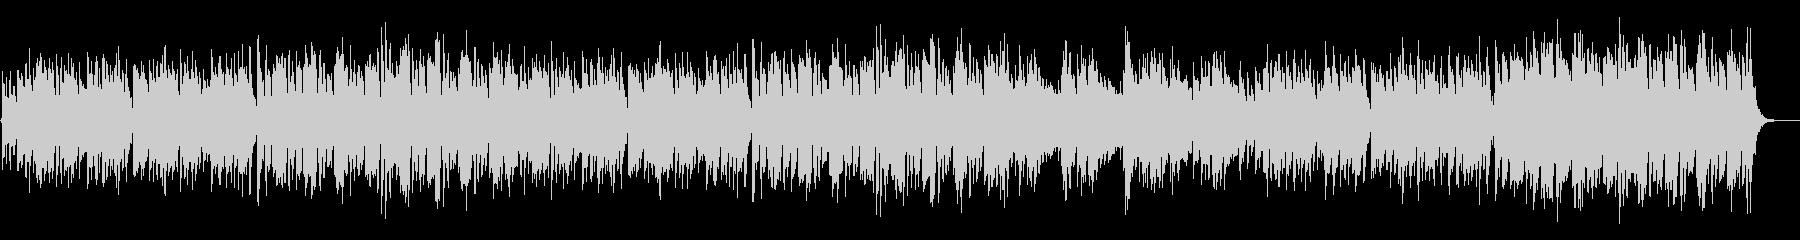 ほのぼの楽しい琴の和風BGMの未再生の波形